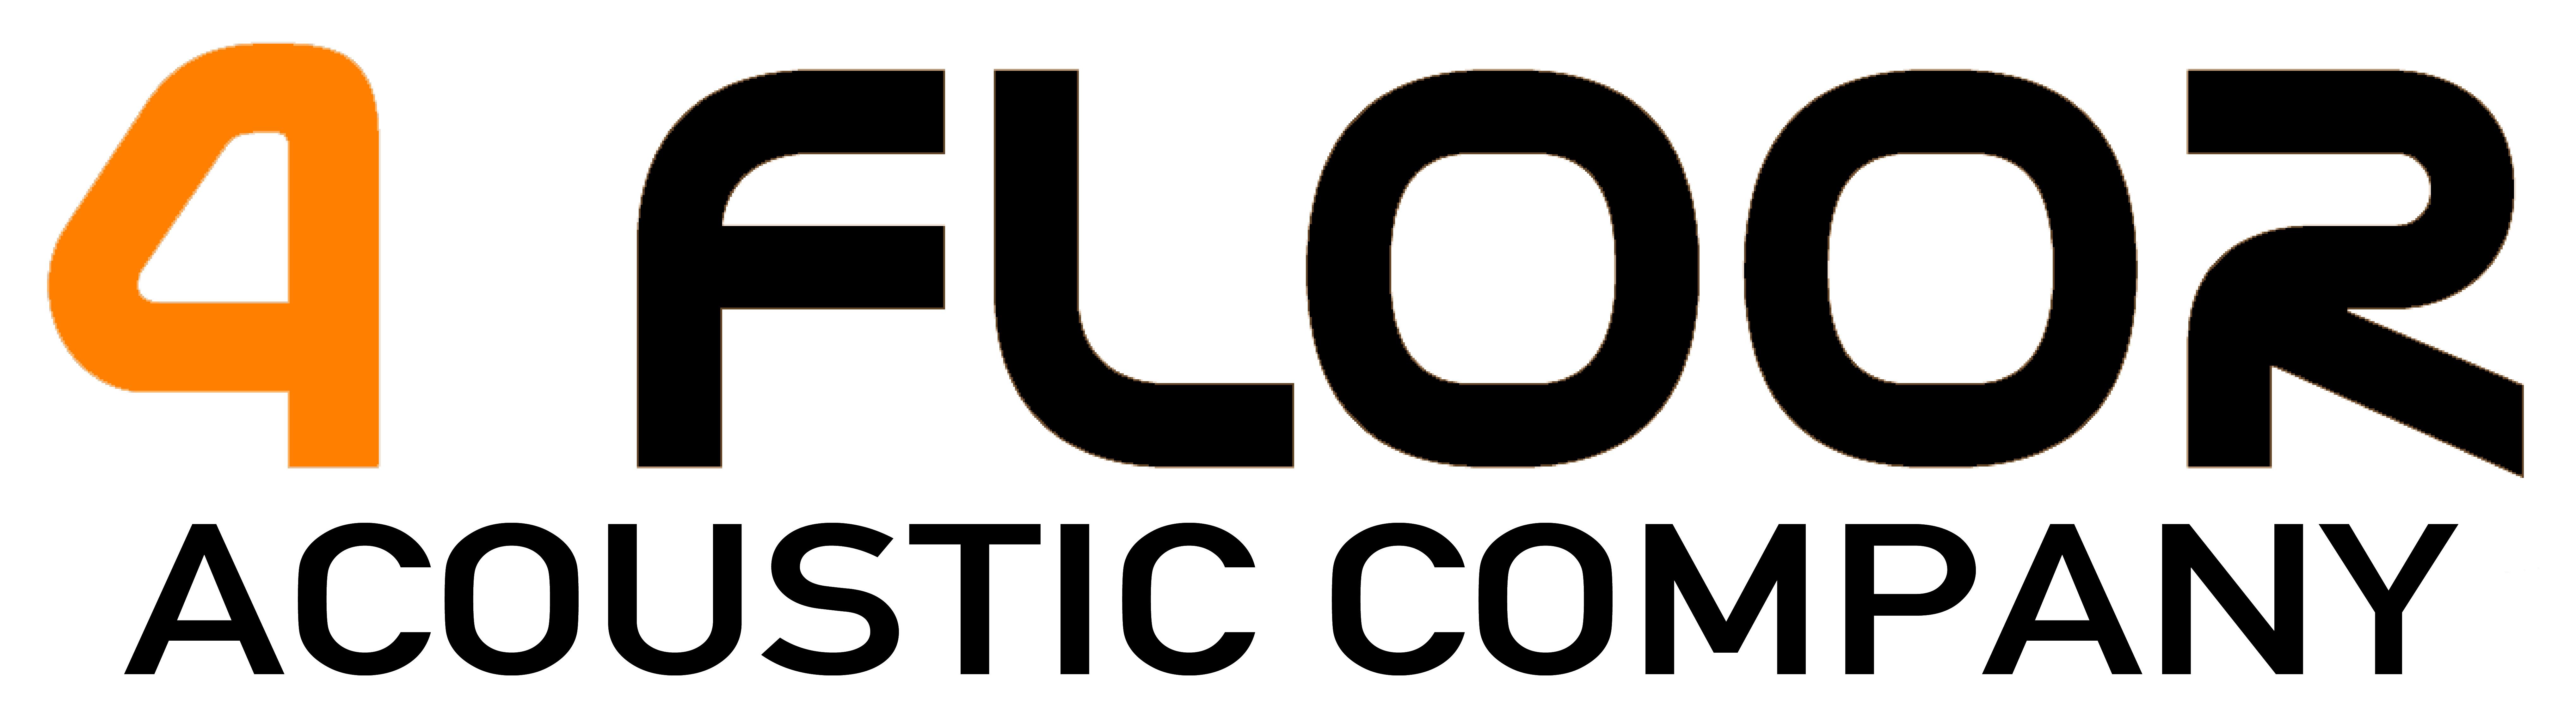 http://www.4floor.de/wp-content/uploads/2019/08/4FLOOR_Acoustic-Company.jpg